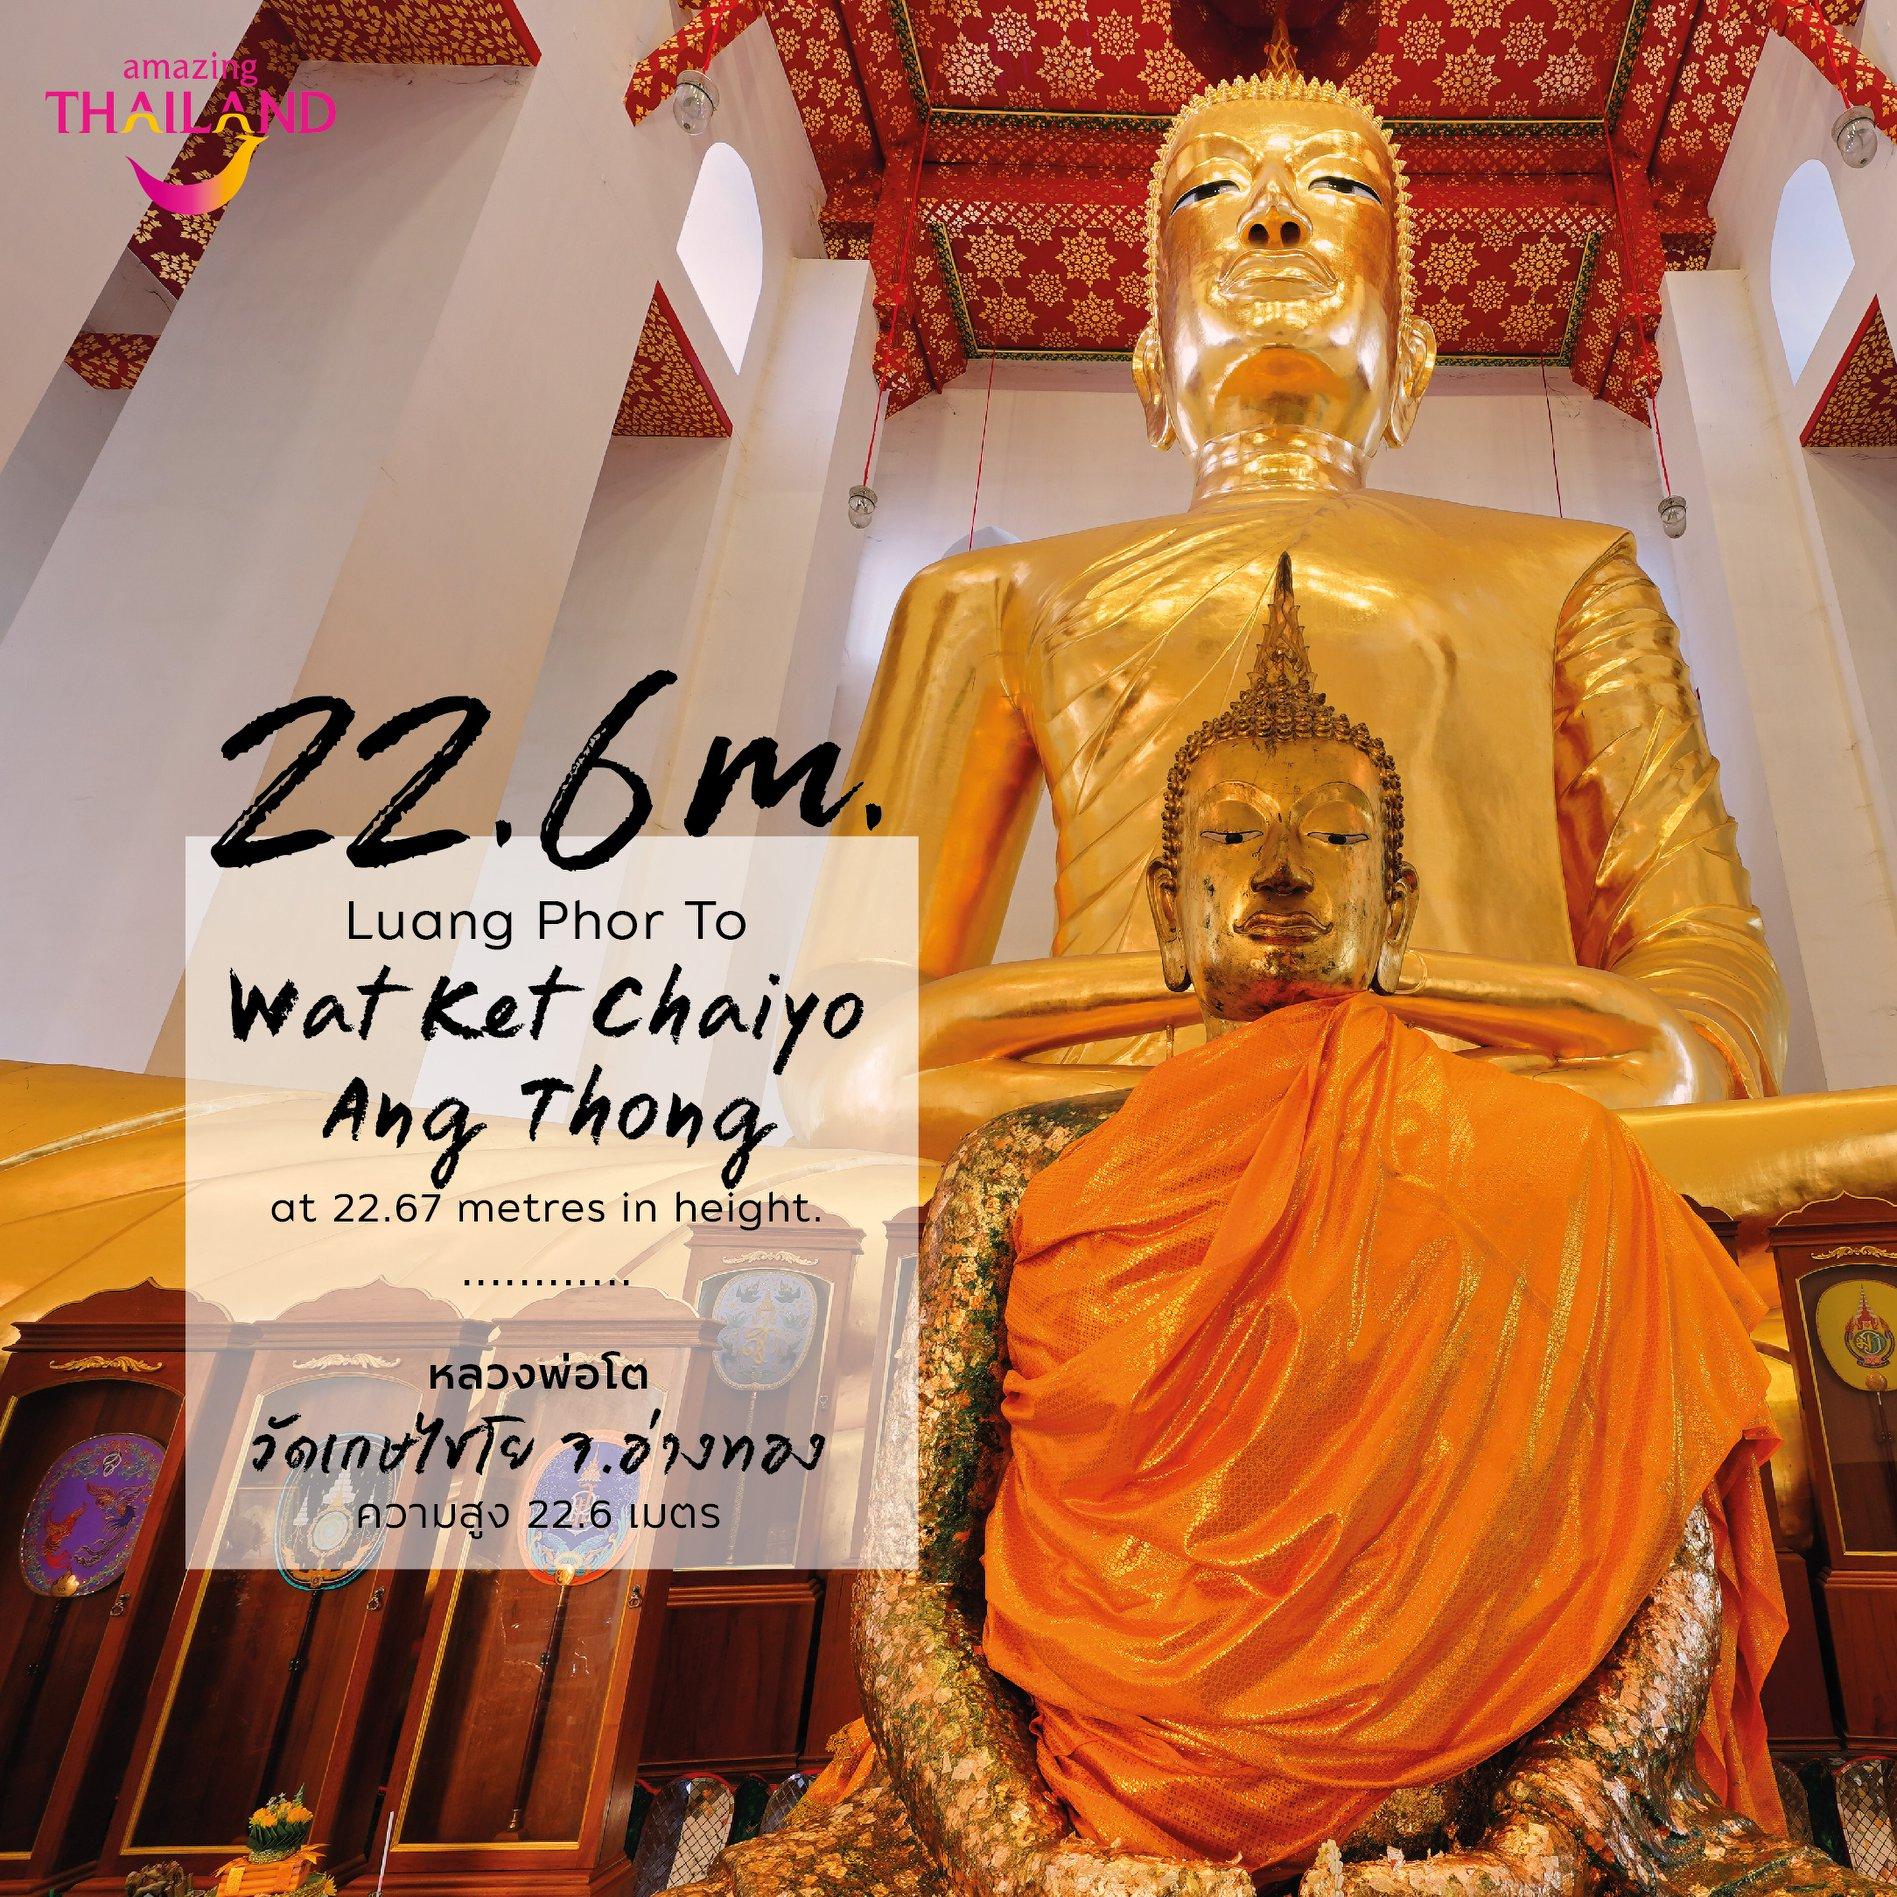 ความยิ่งใหญ่แห่งศรัทธา ไหว้พระใหญ่ในเมืองไทย